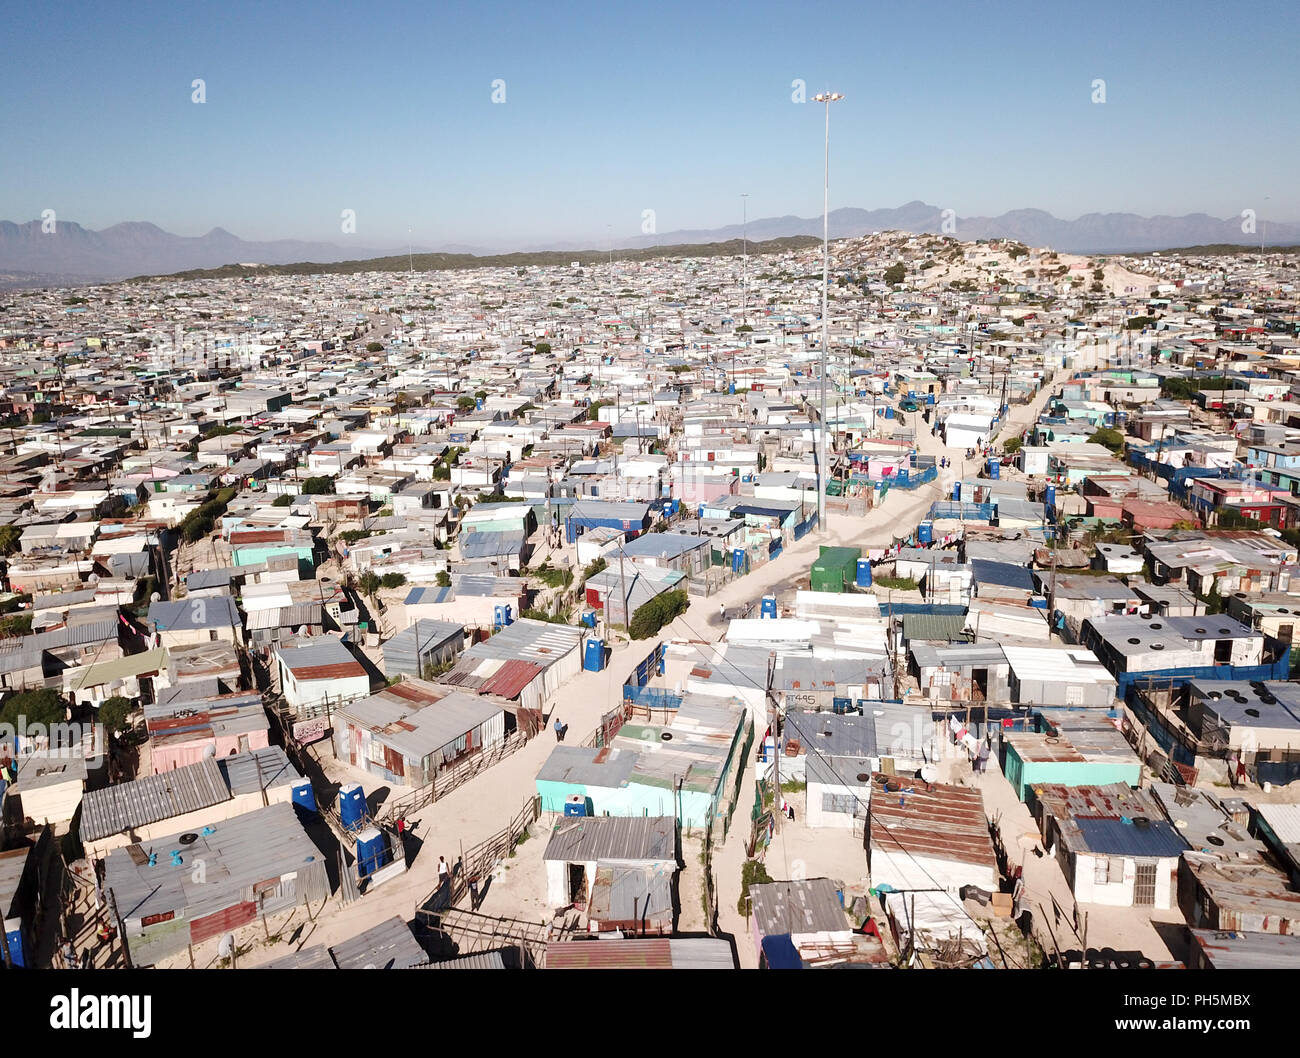 Luftbild in einem Township in der Nähe von Kapstadt, Südafrika Stockfoto